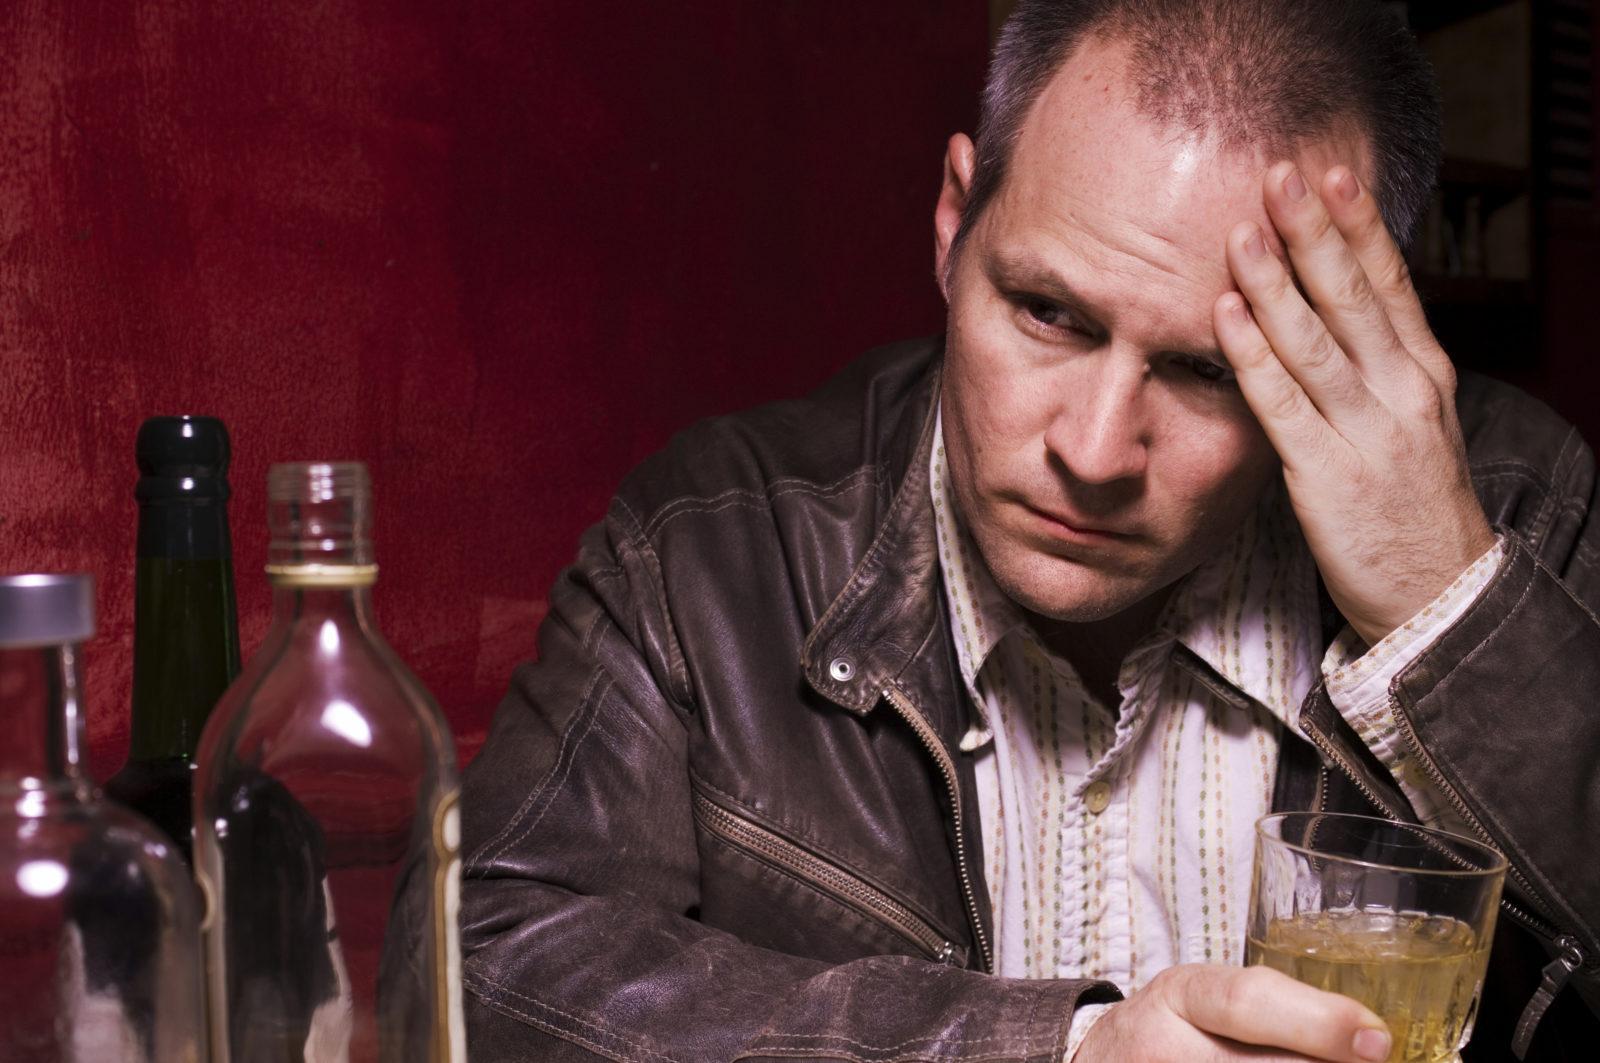 как становятся алкоголикам